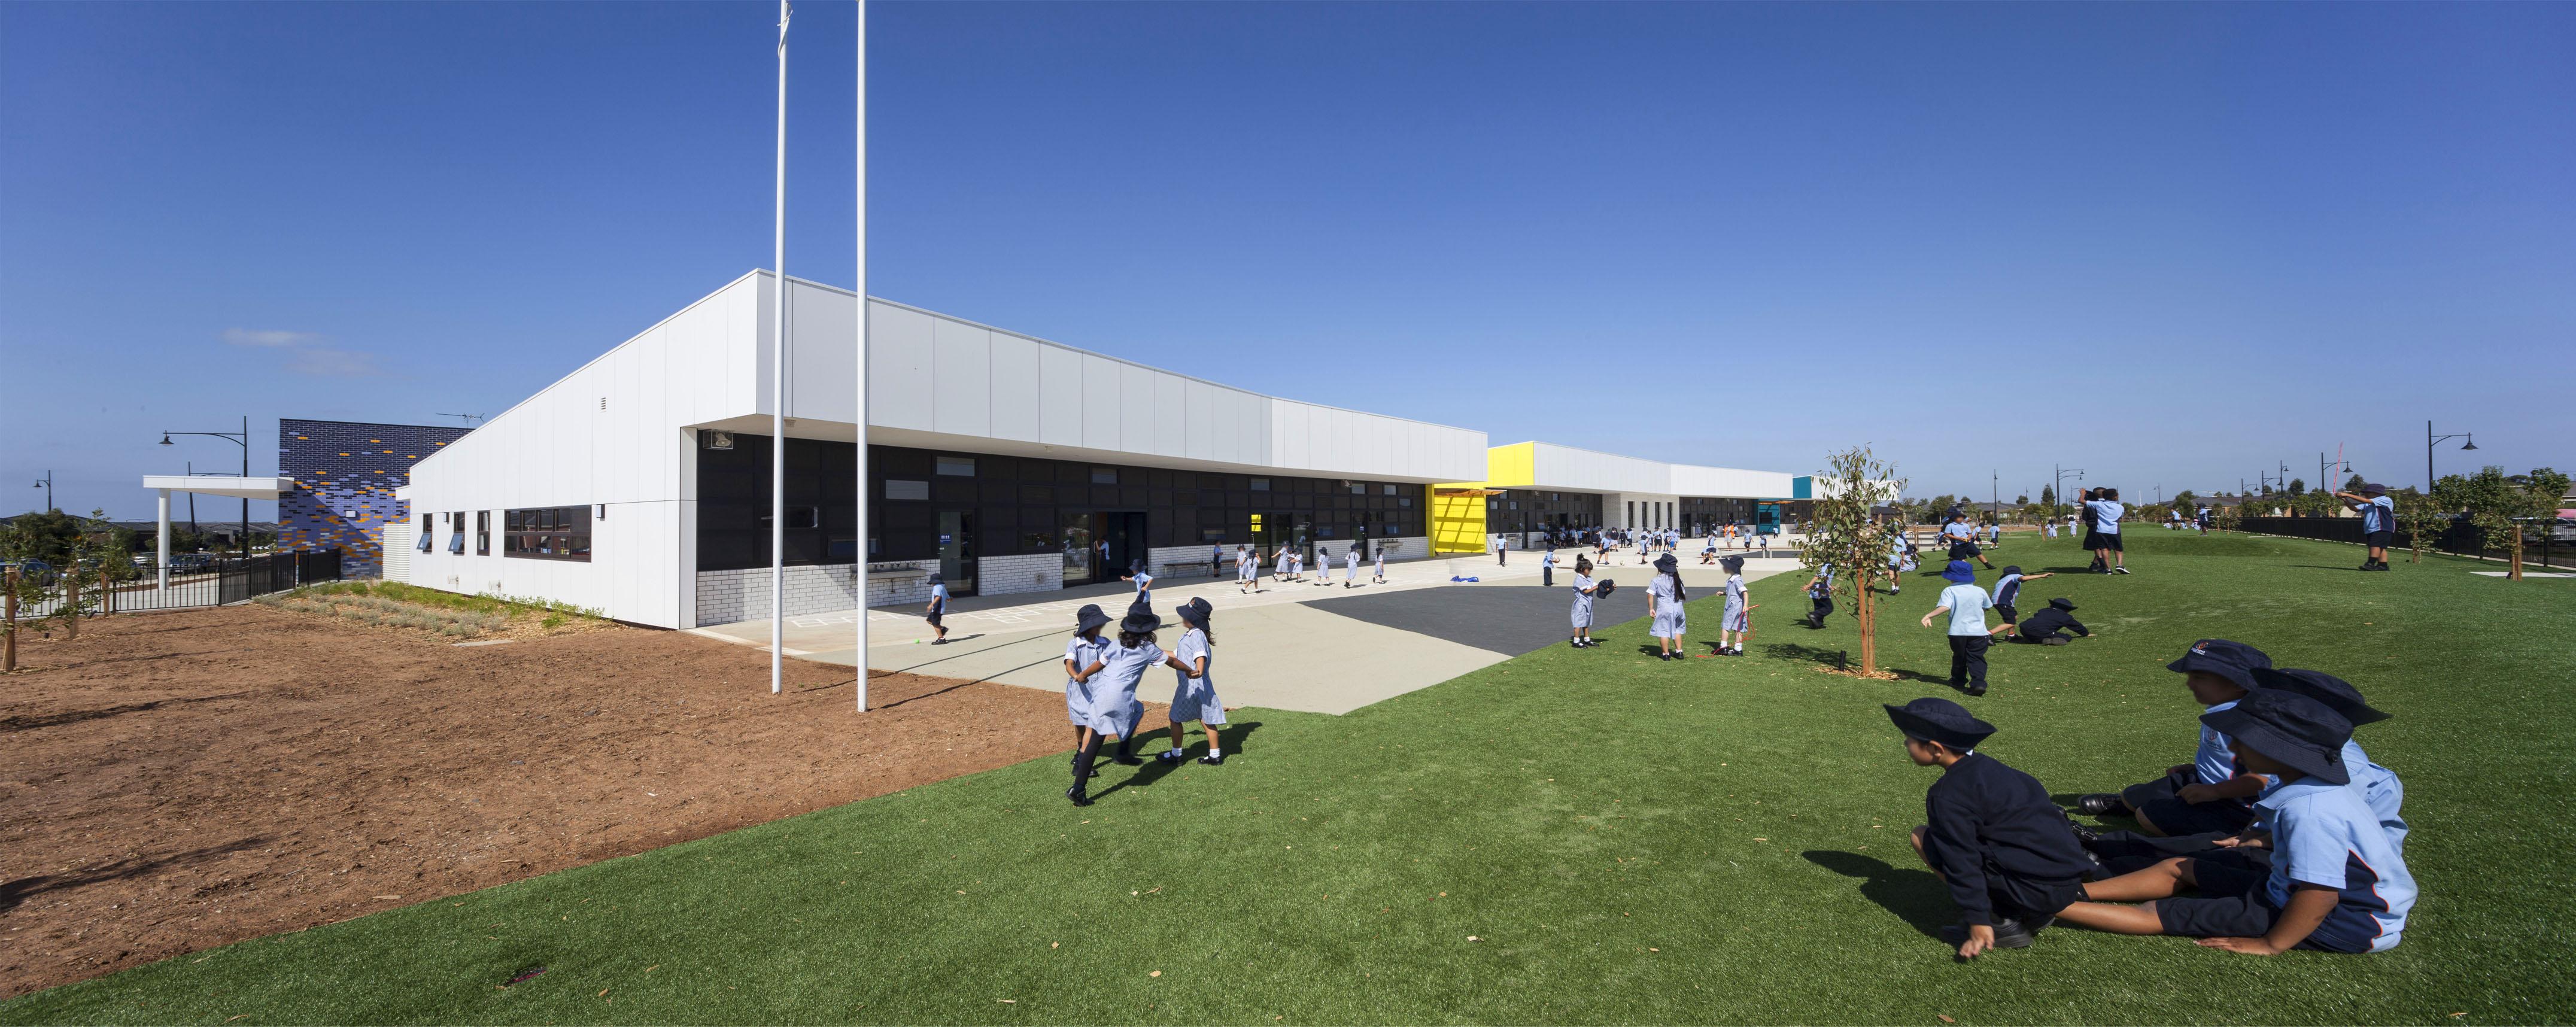 Truganina P-9 School